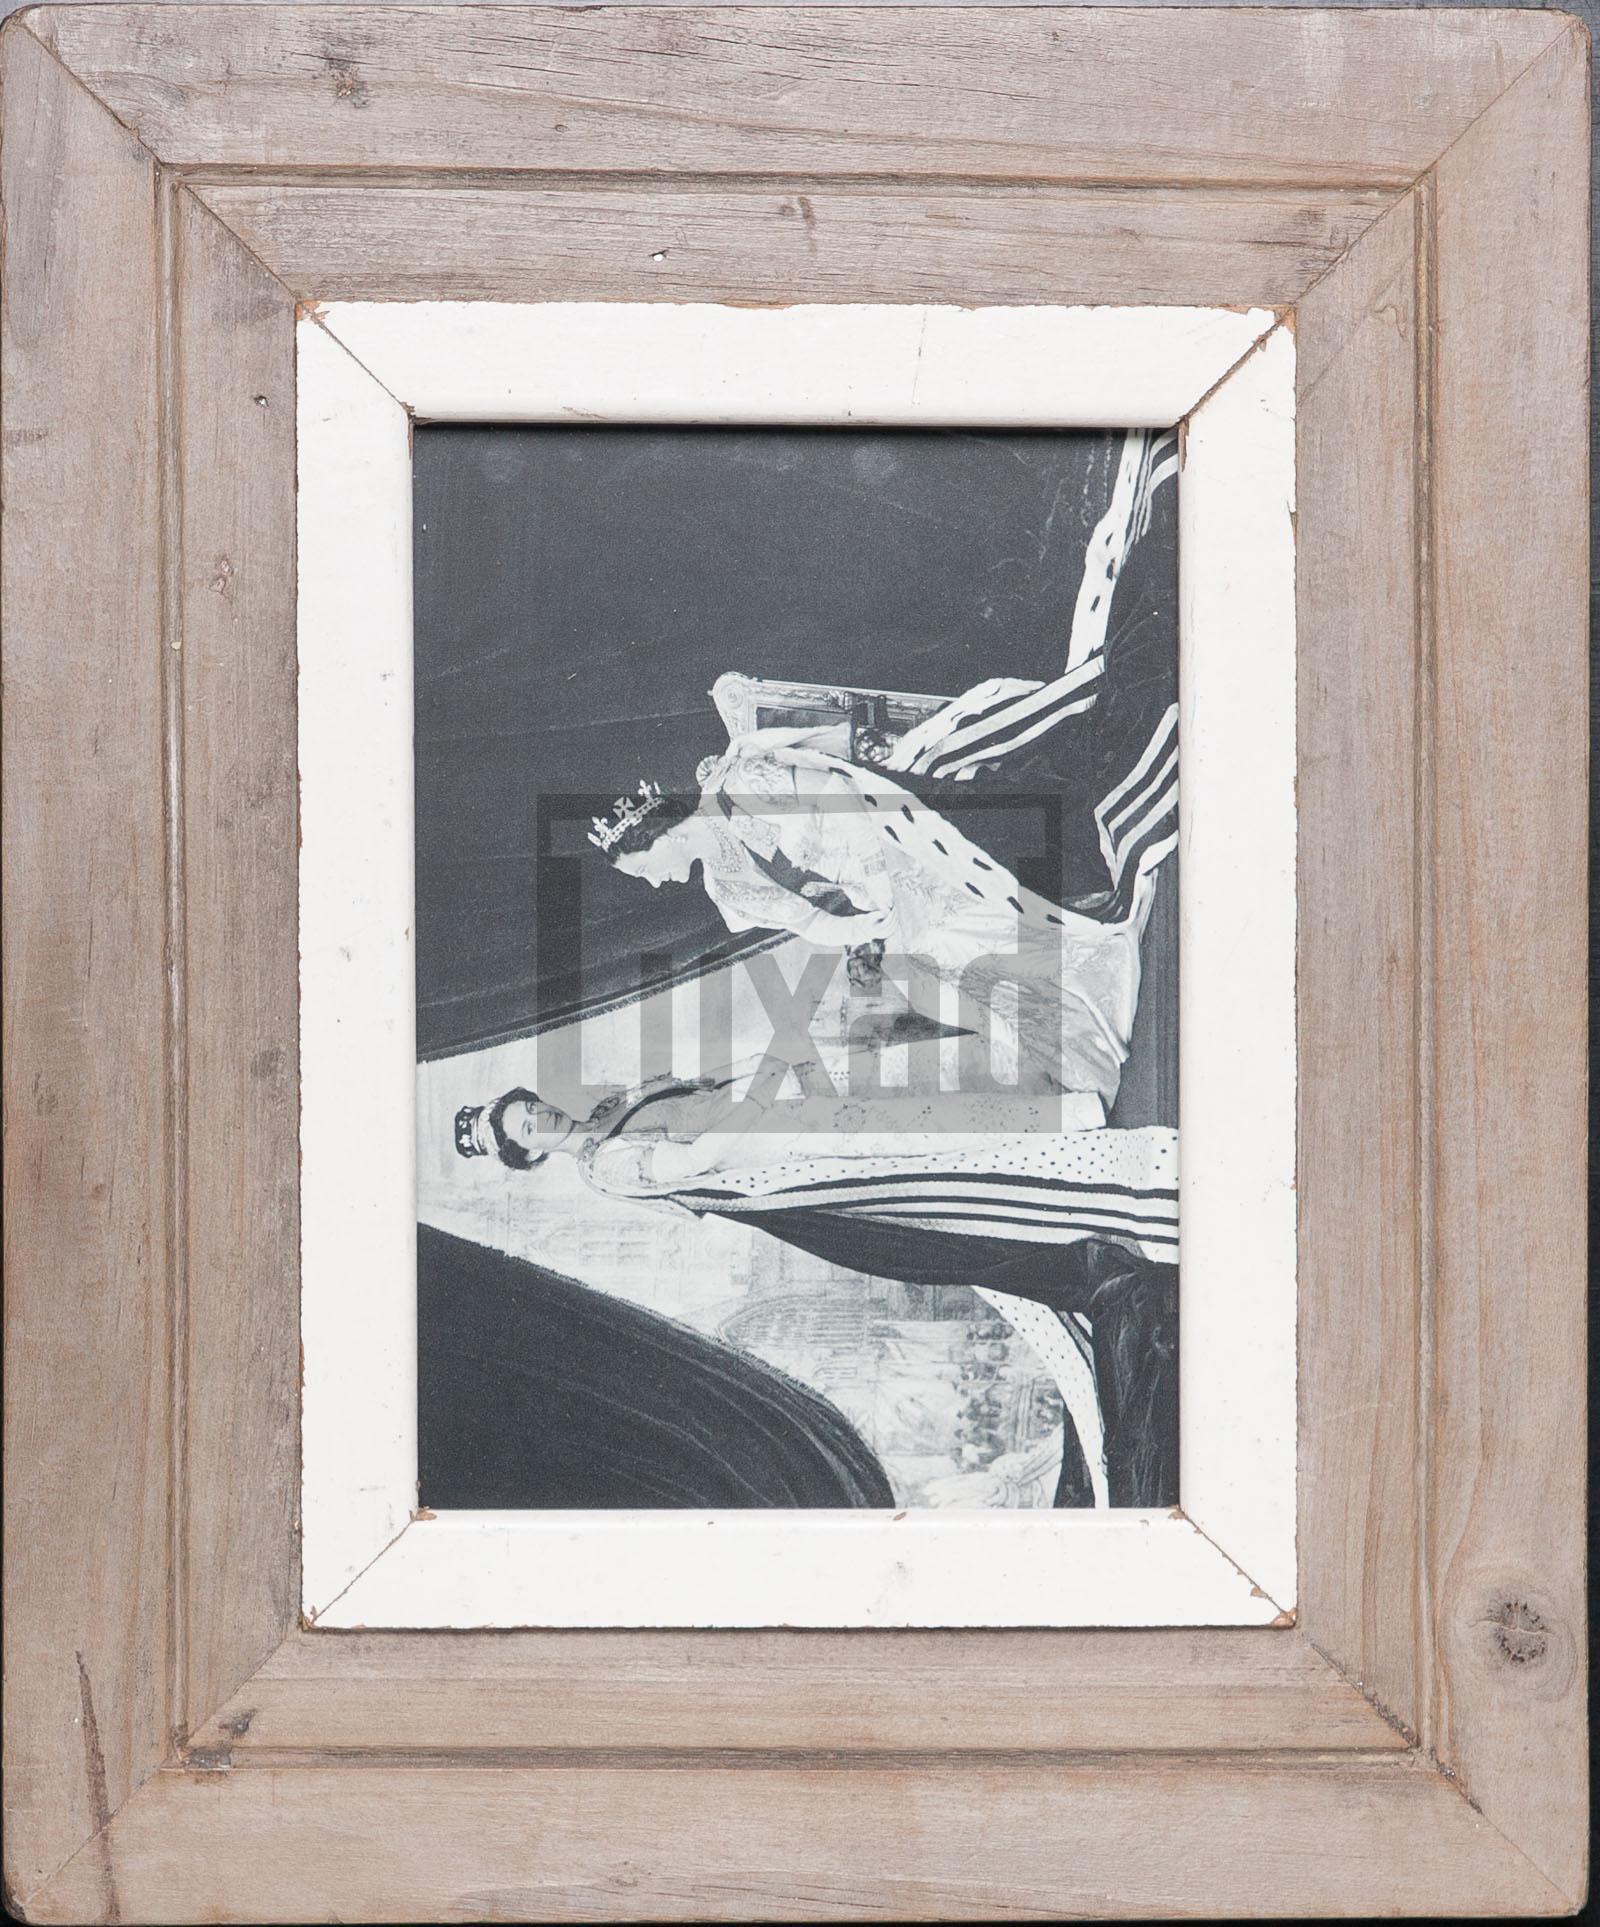 Bilderrahmen aus Recyclingholz für ca. 14,8 x 21 cm